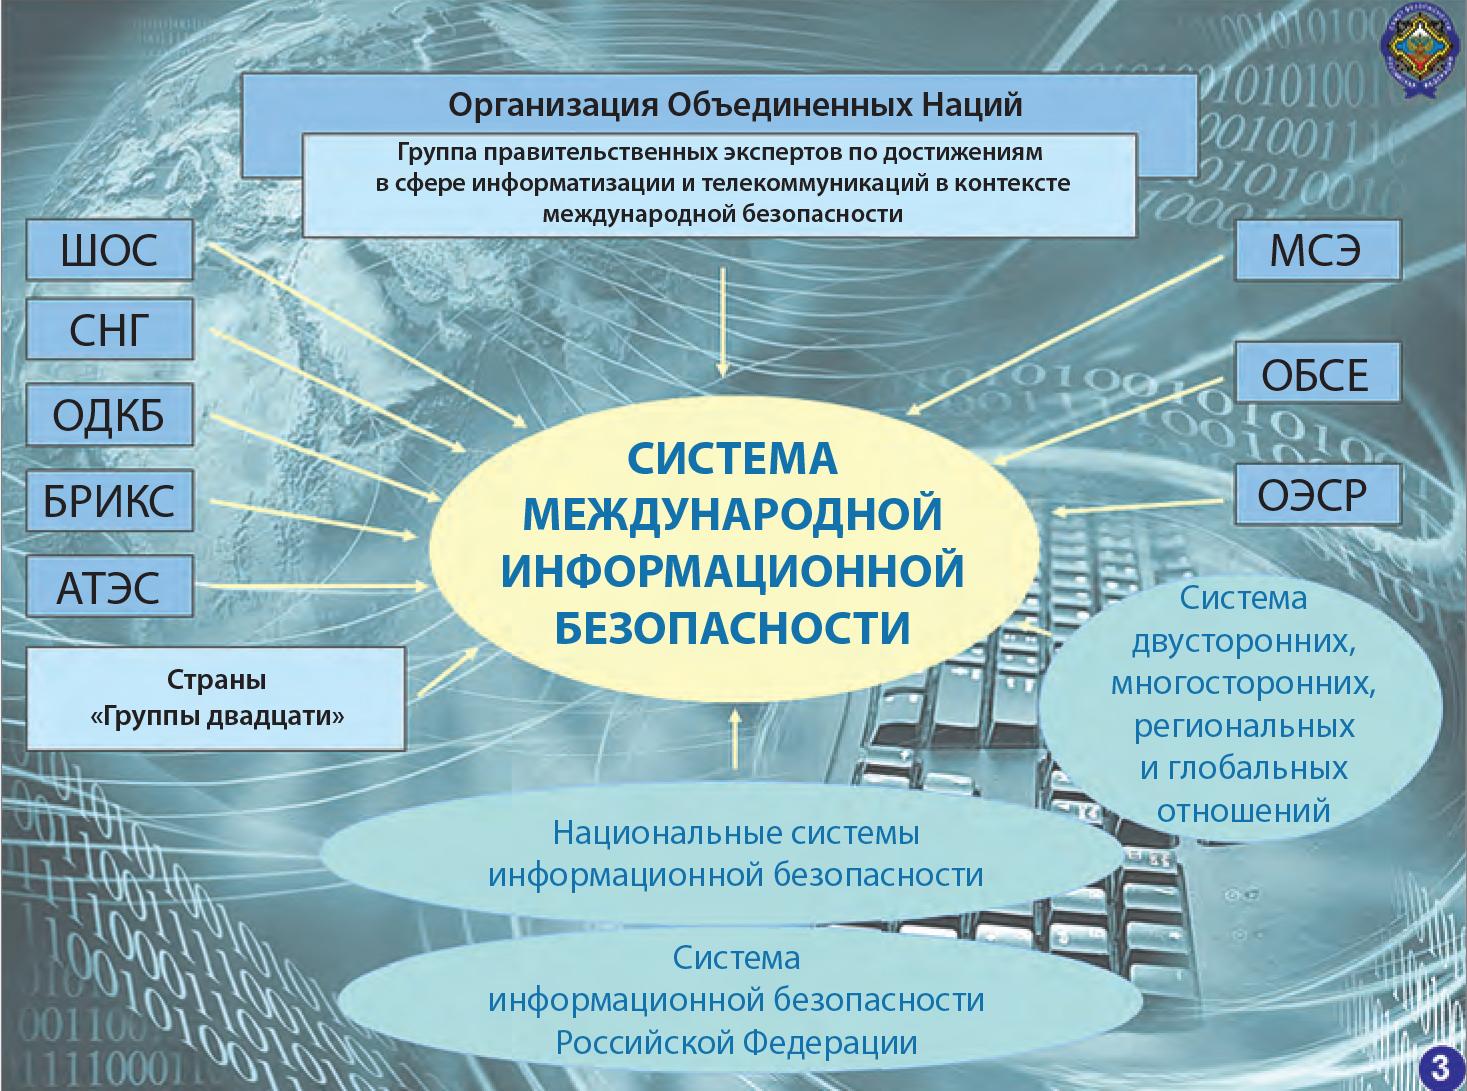 Русские хакеры атакуют Госдеп США похищая конфиденциальные данные